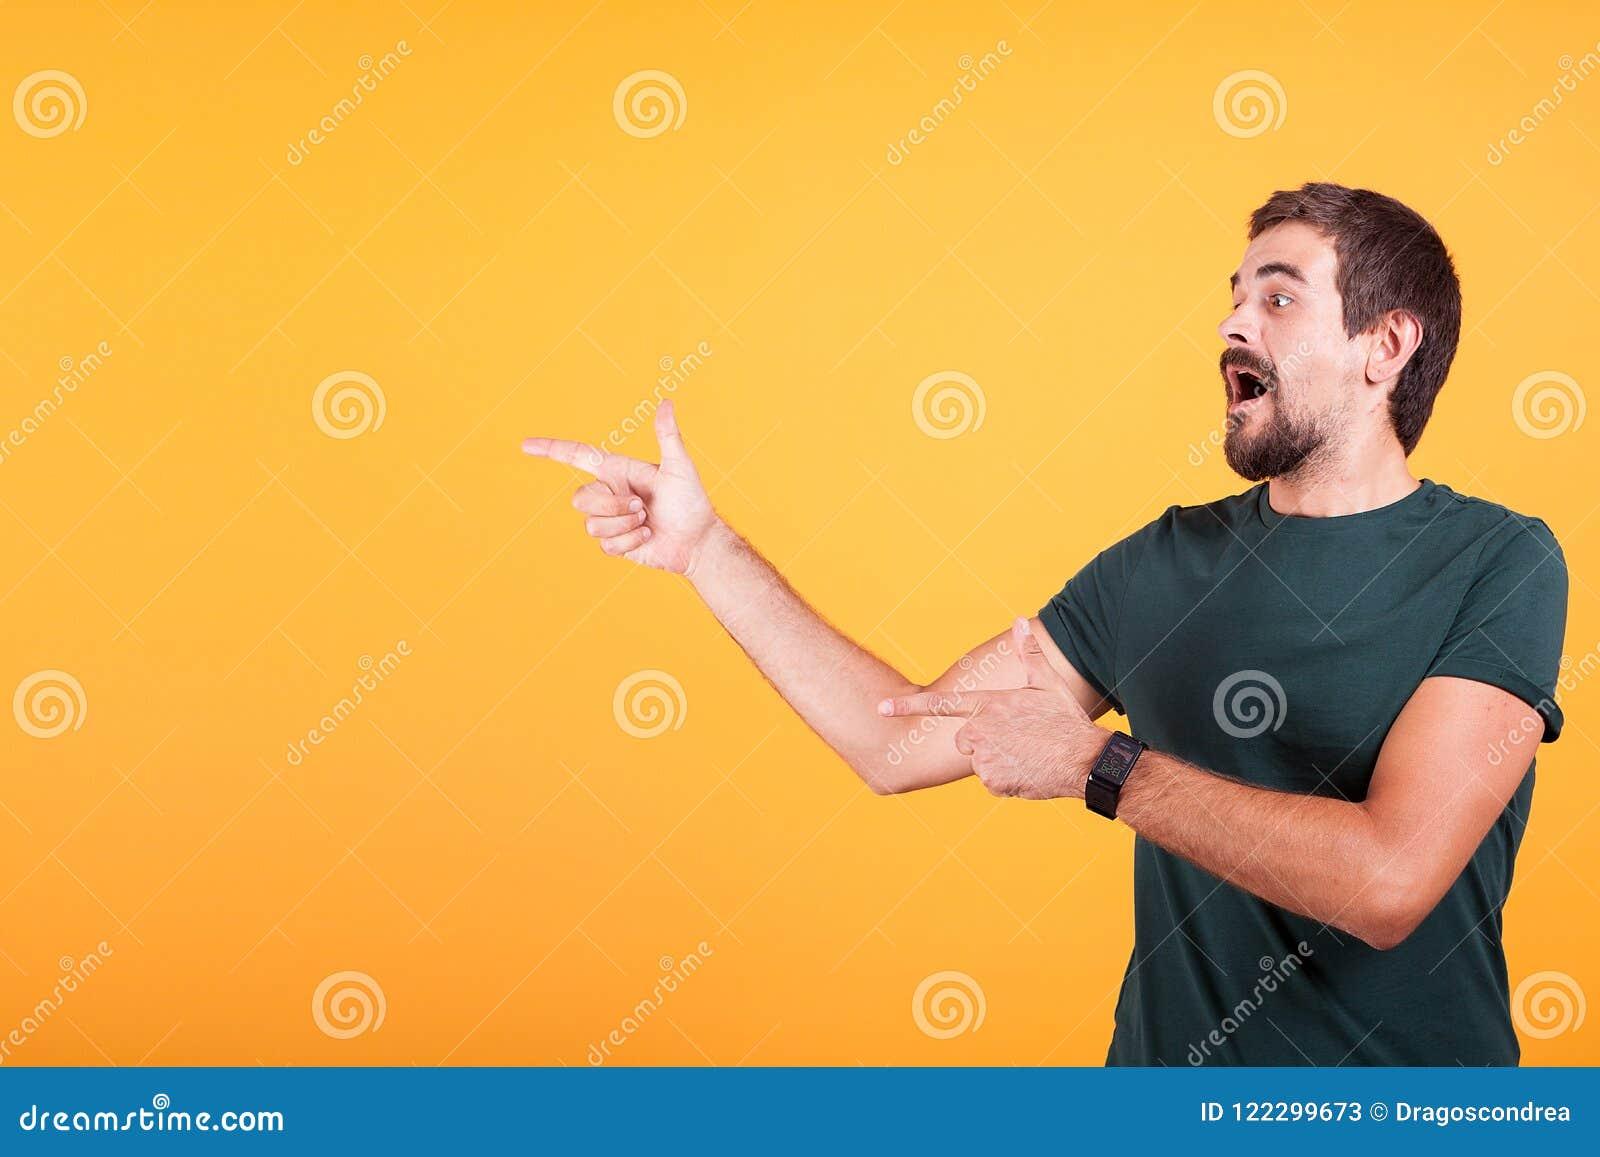 Ενθουσιασμός και εκφραστικό άτομο που δείχνουν στο copyspace